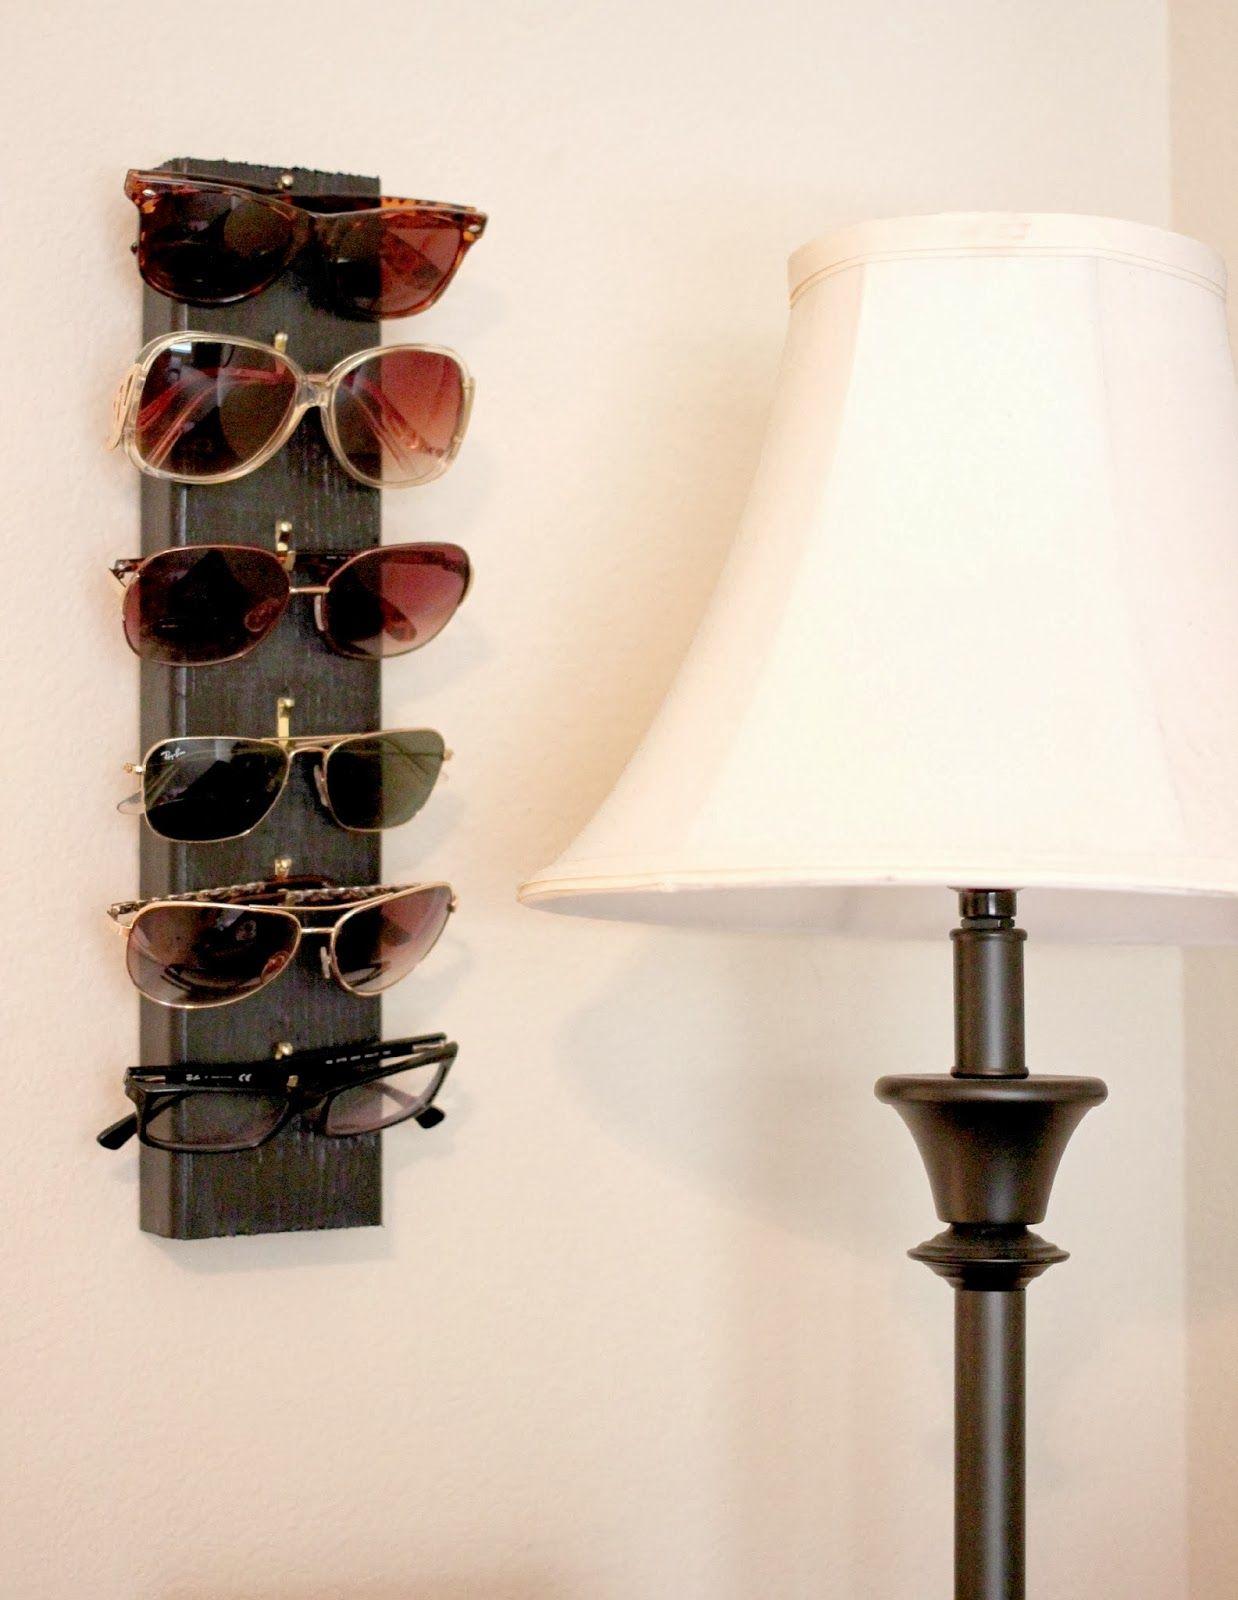 cab51a3777 Organizador de lentes   Sol   Decoración de unas, Organizadores y ...